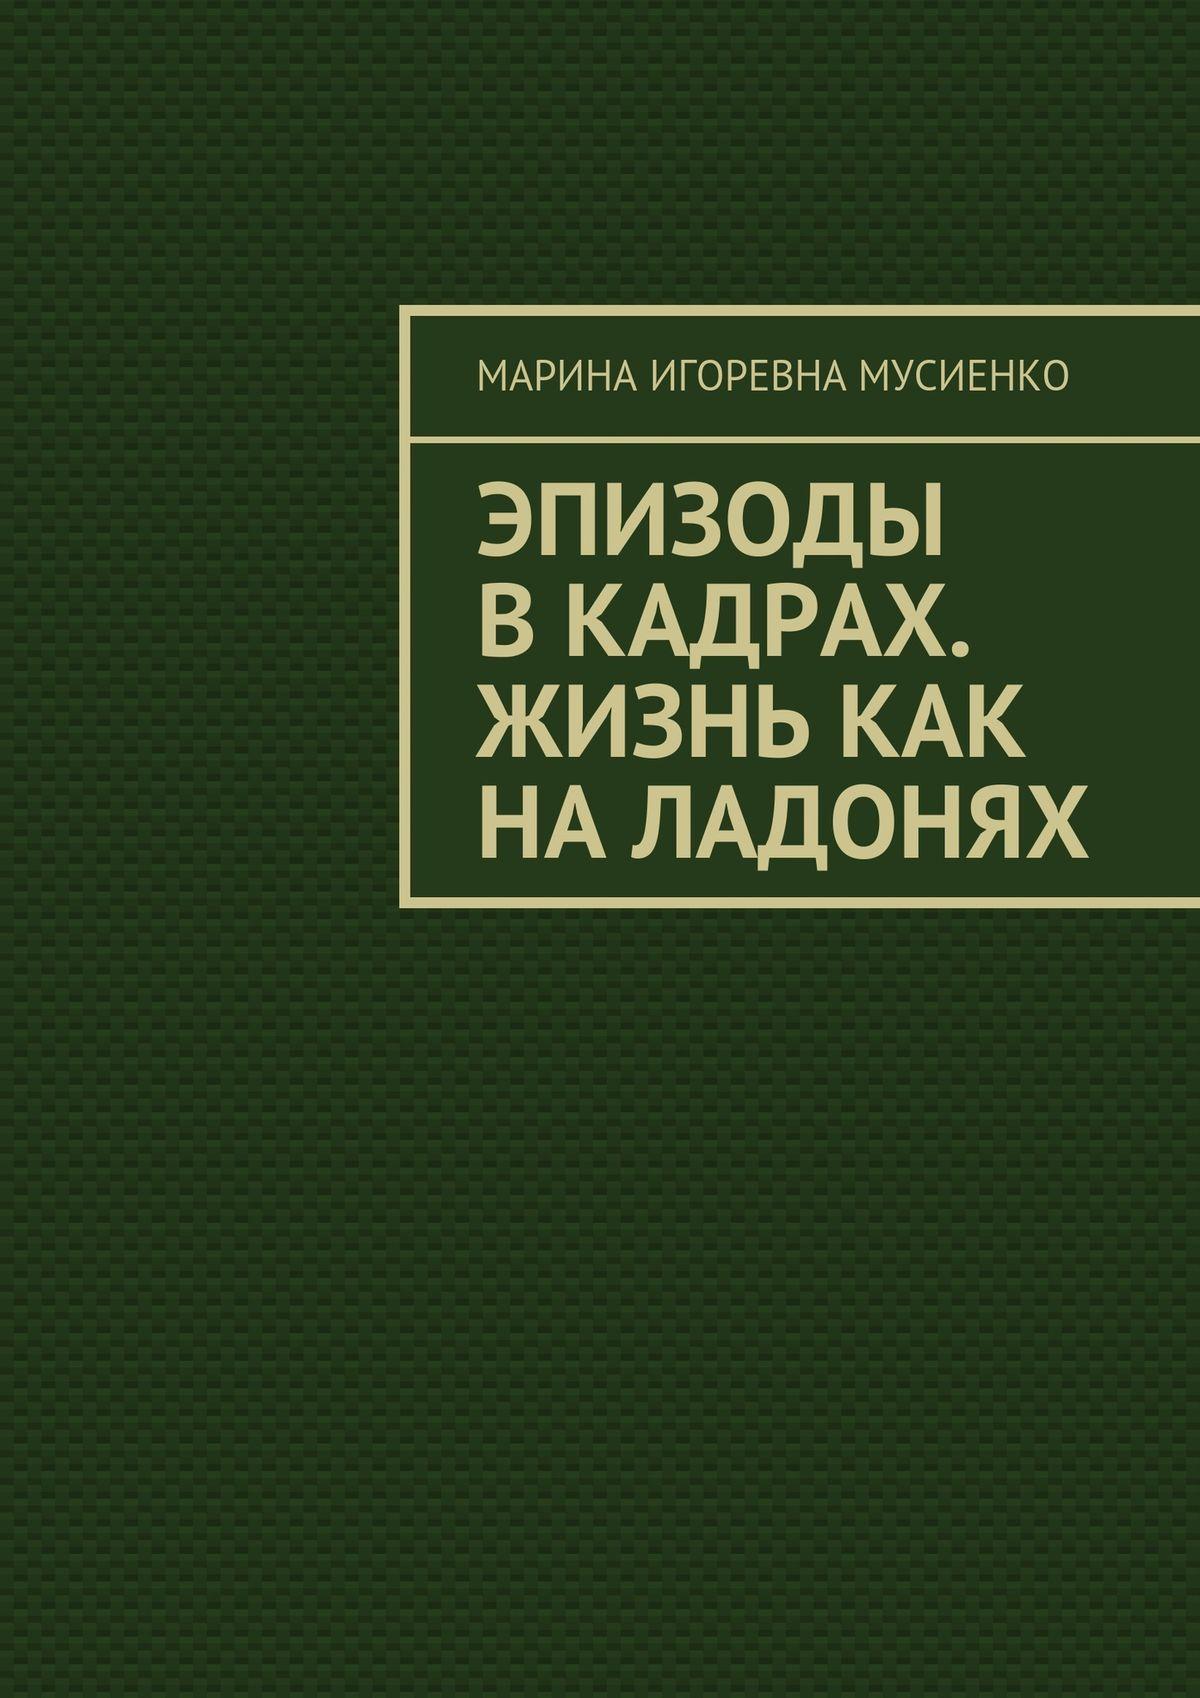 Марина Мусиенко - Эпизоды вкадрах. Жизнь как наладонях